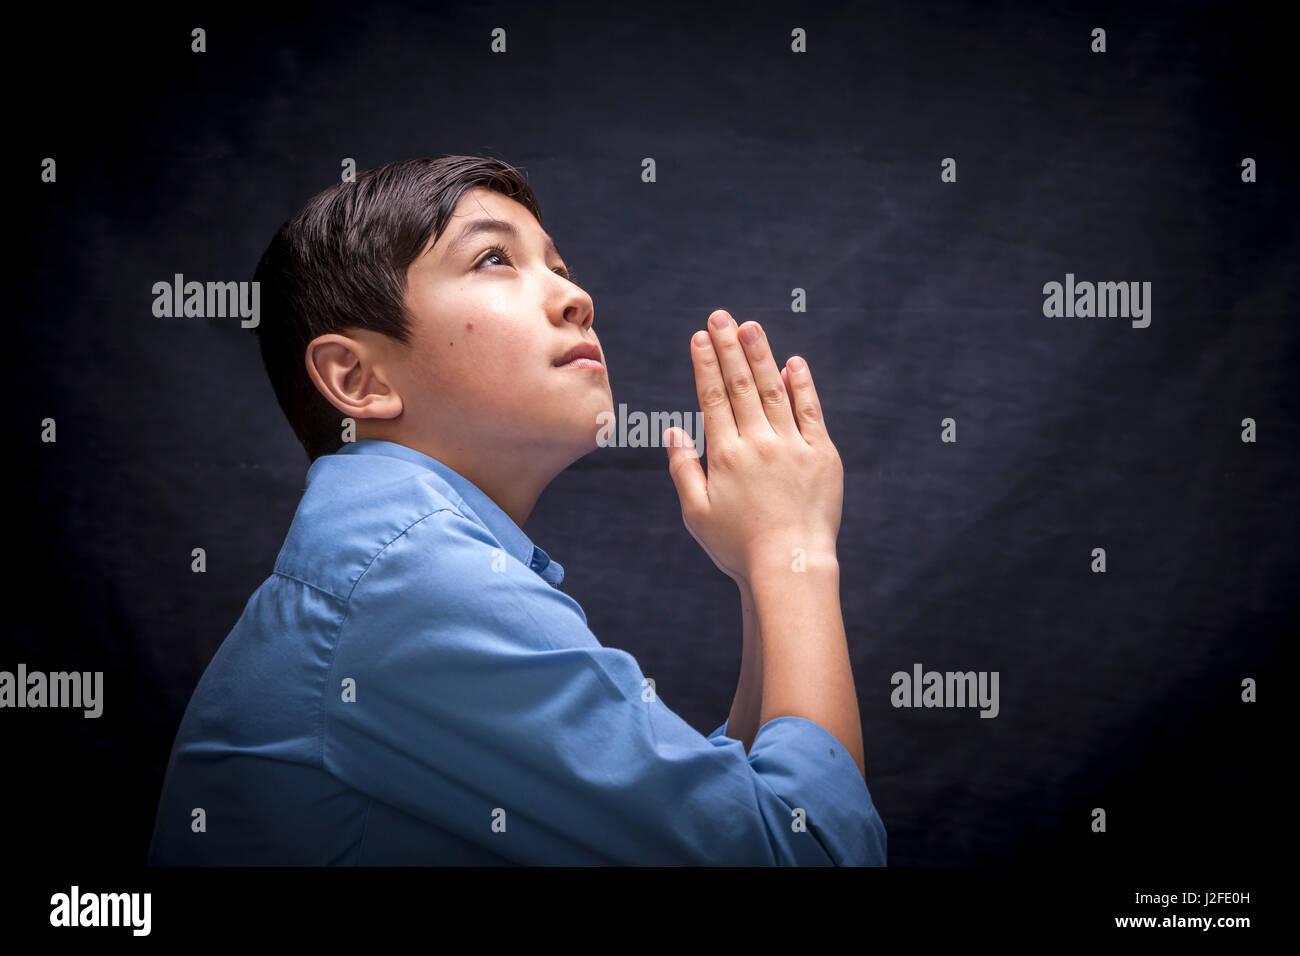 Ein kleiner Junge faltet seine Hände und hebt den Kopf im Gebet zu Gott. Stockbild